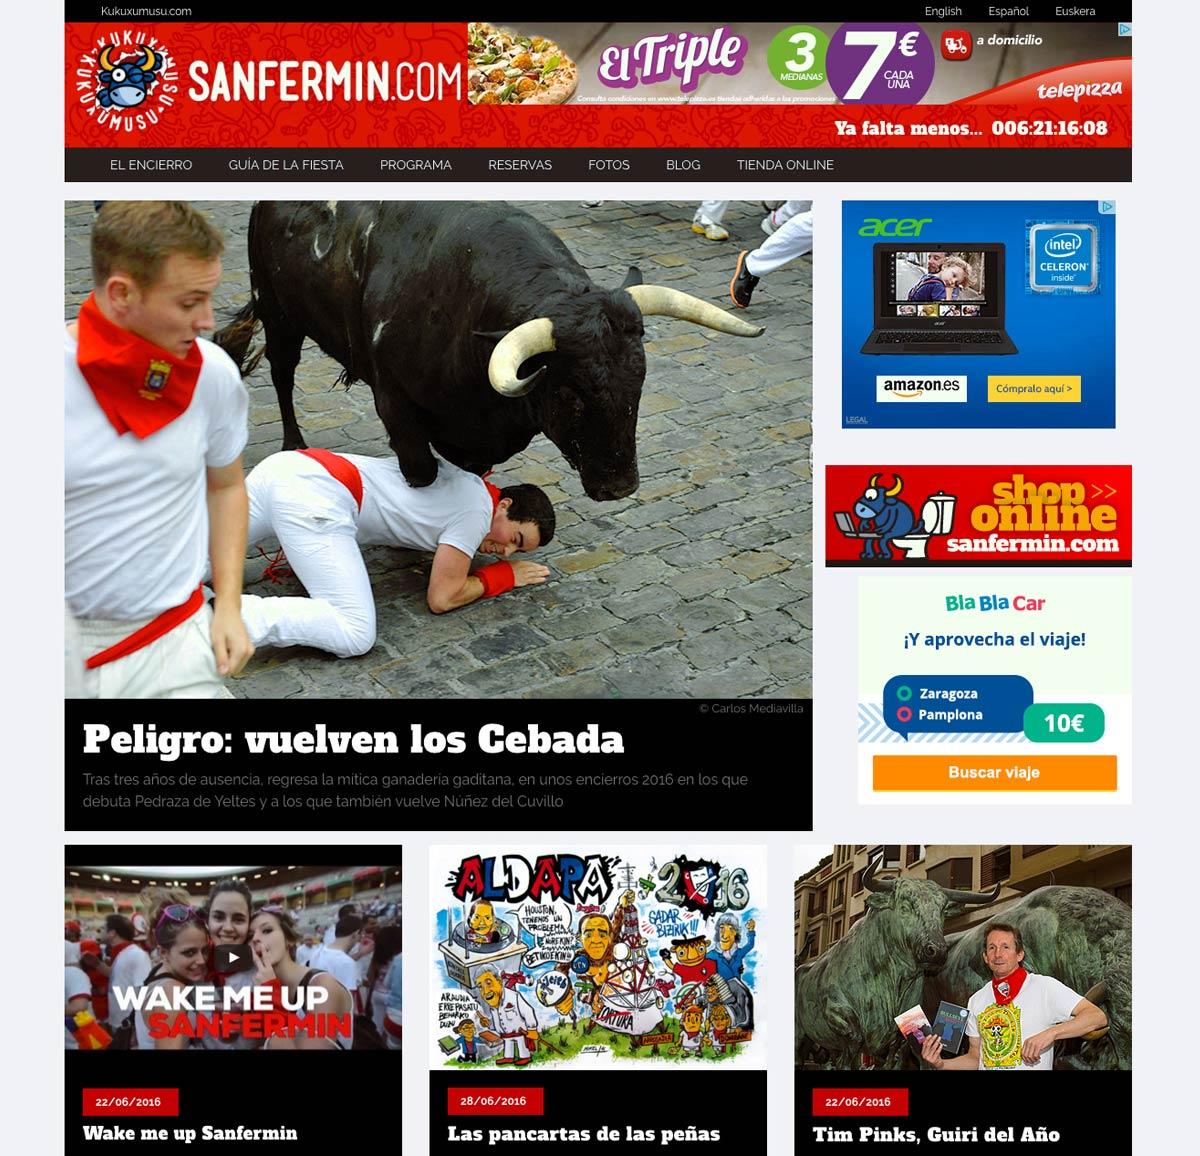 Portada de la nueva página Sanfermin.com